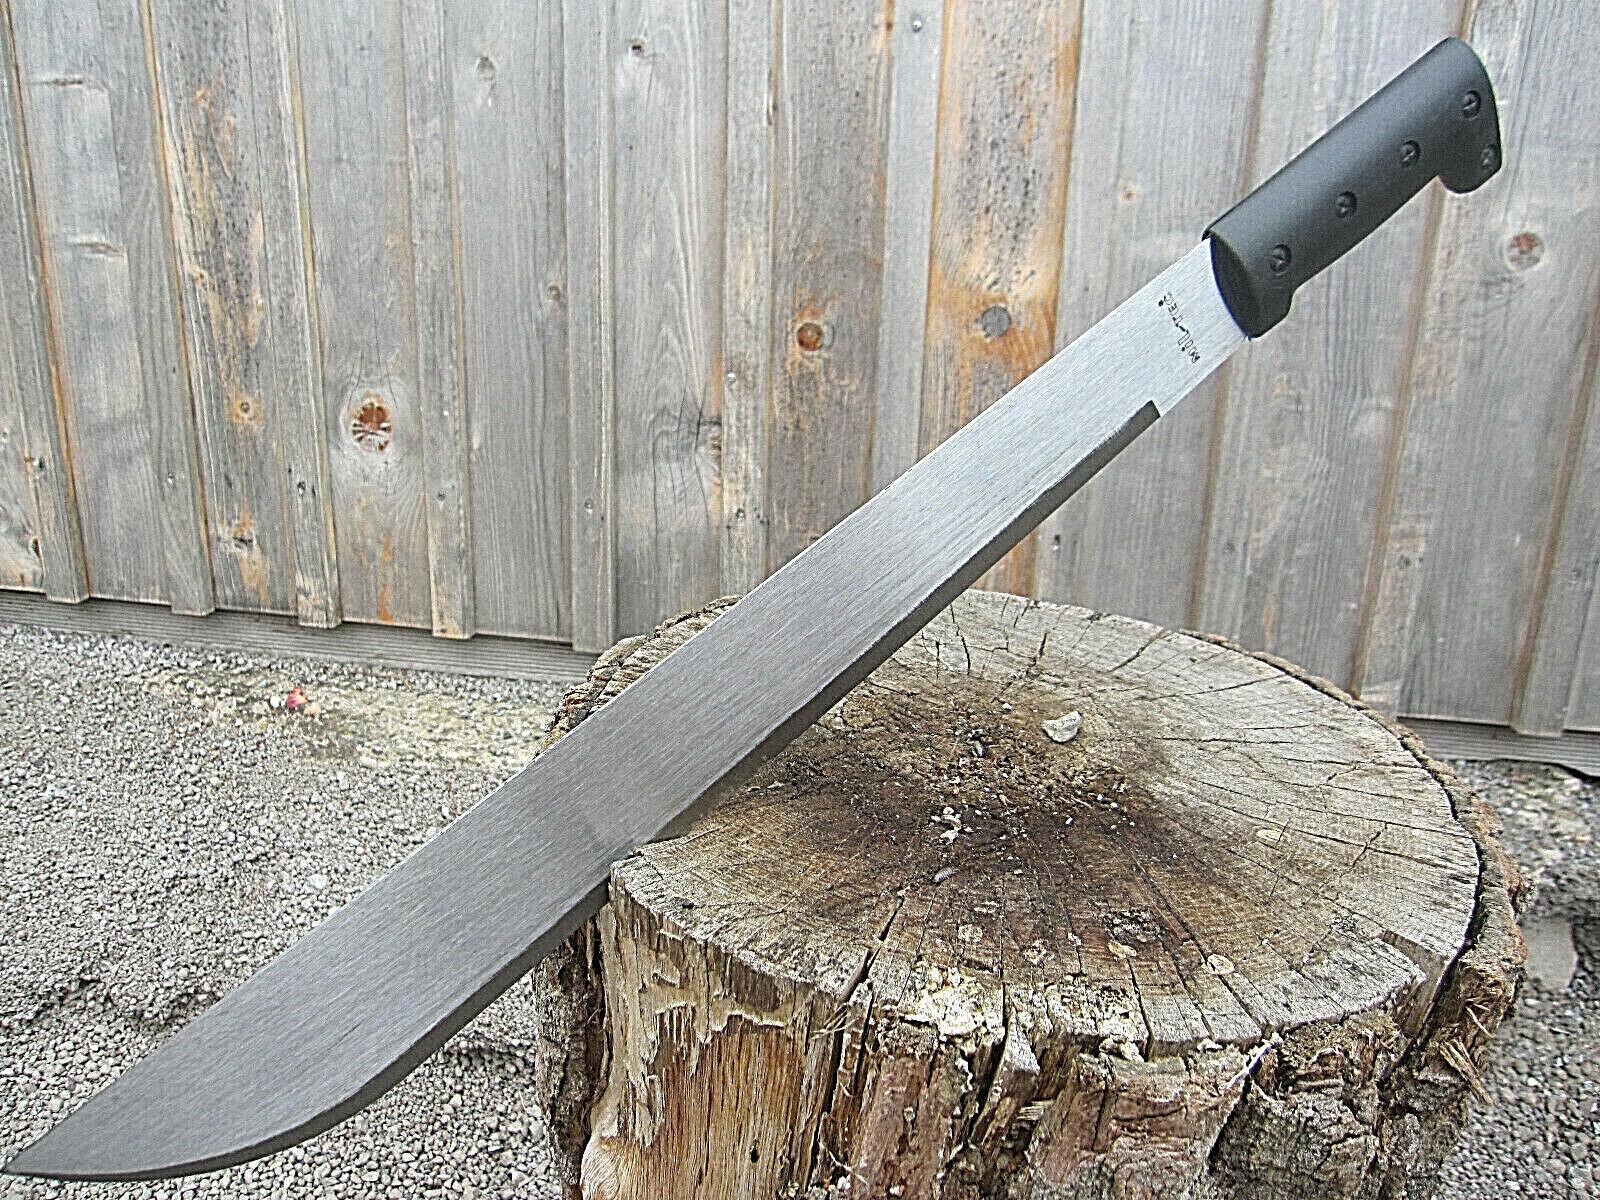 Grosse Stahl MACHETE Messer Camping BUSCHMESSER Beil Outdoor Angeln Jagd Mi2